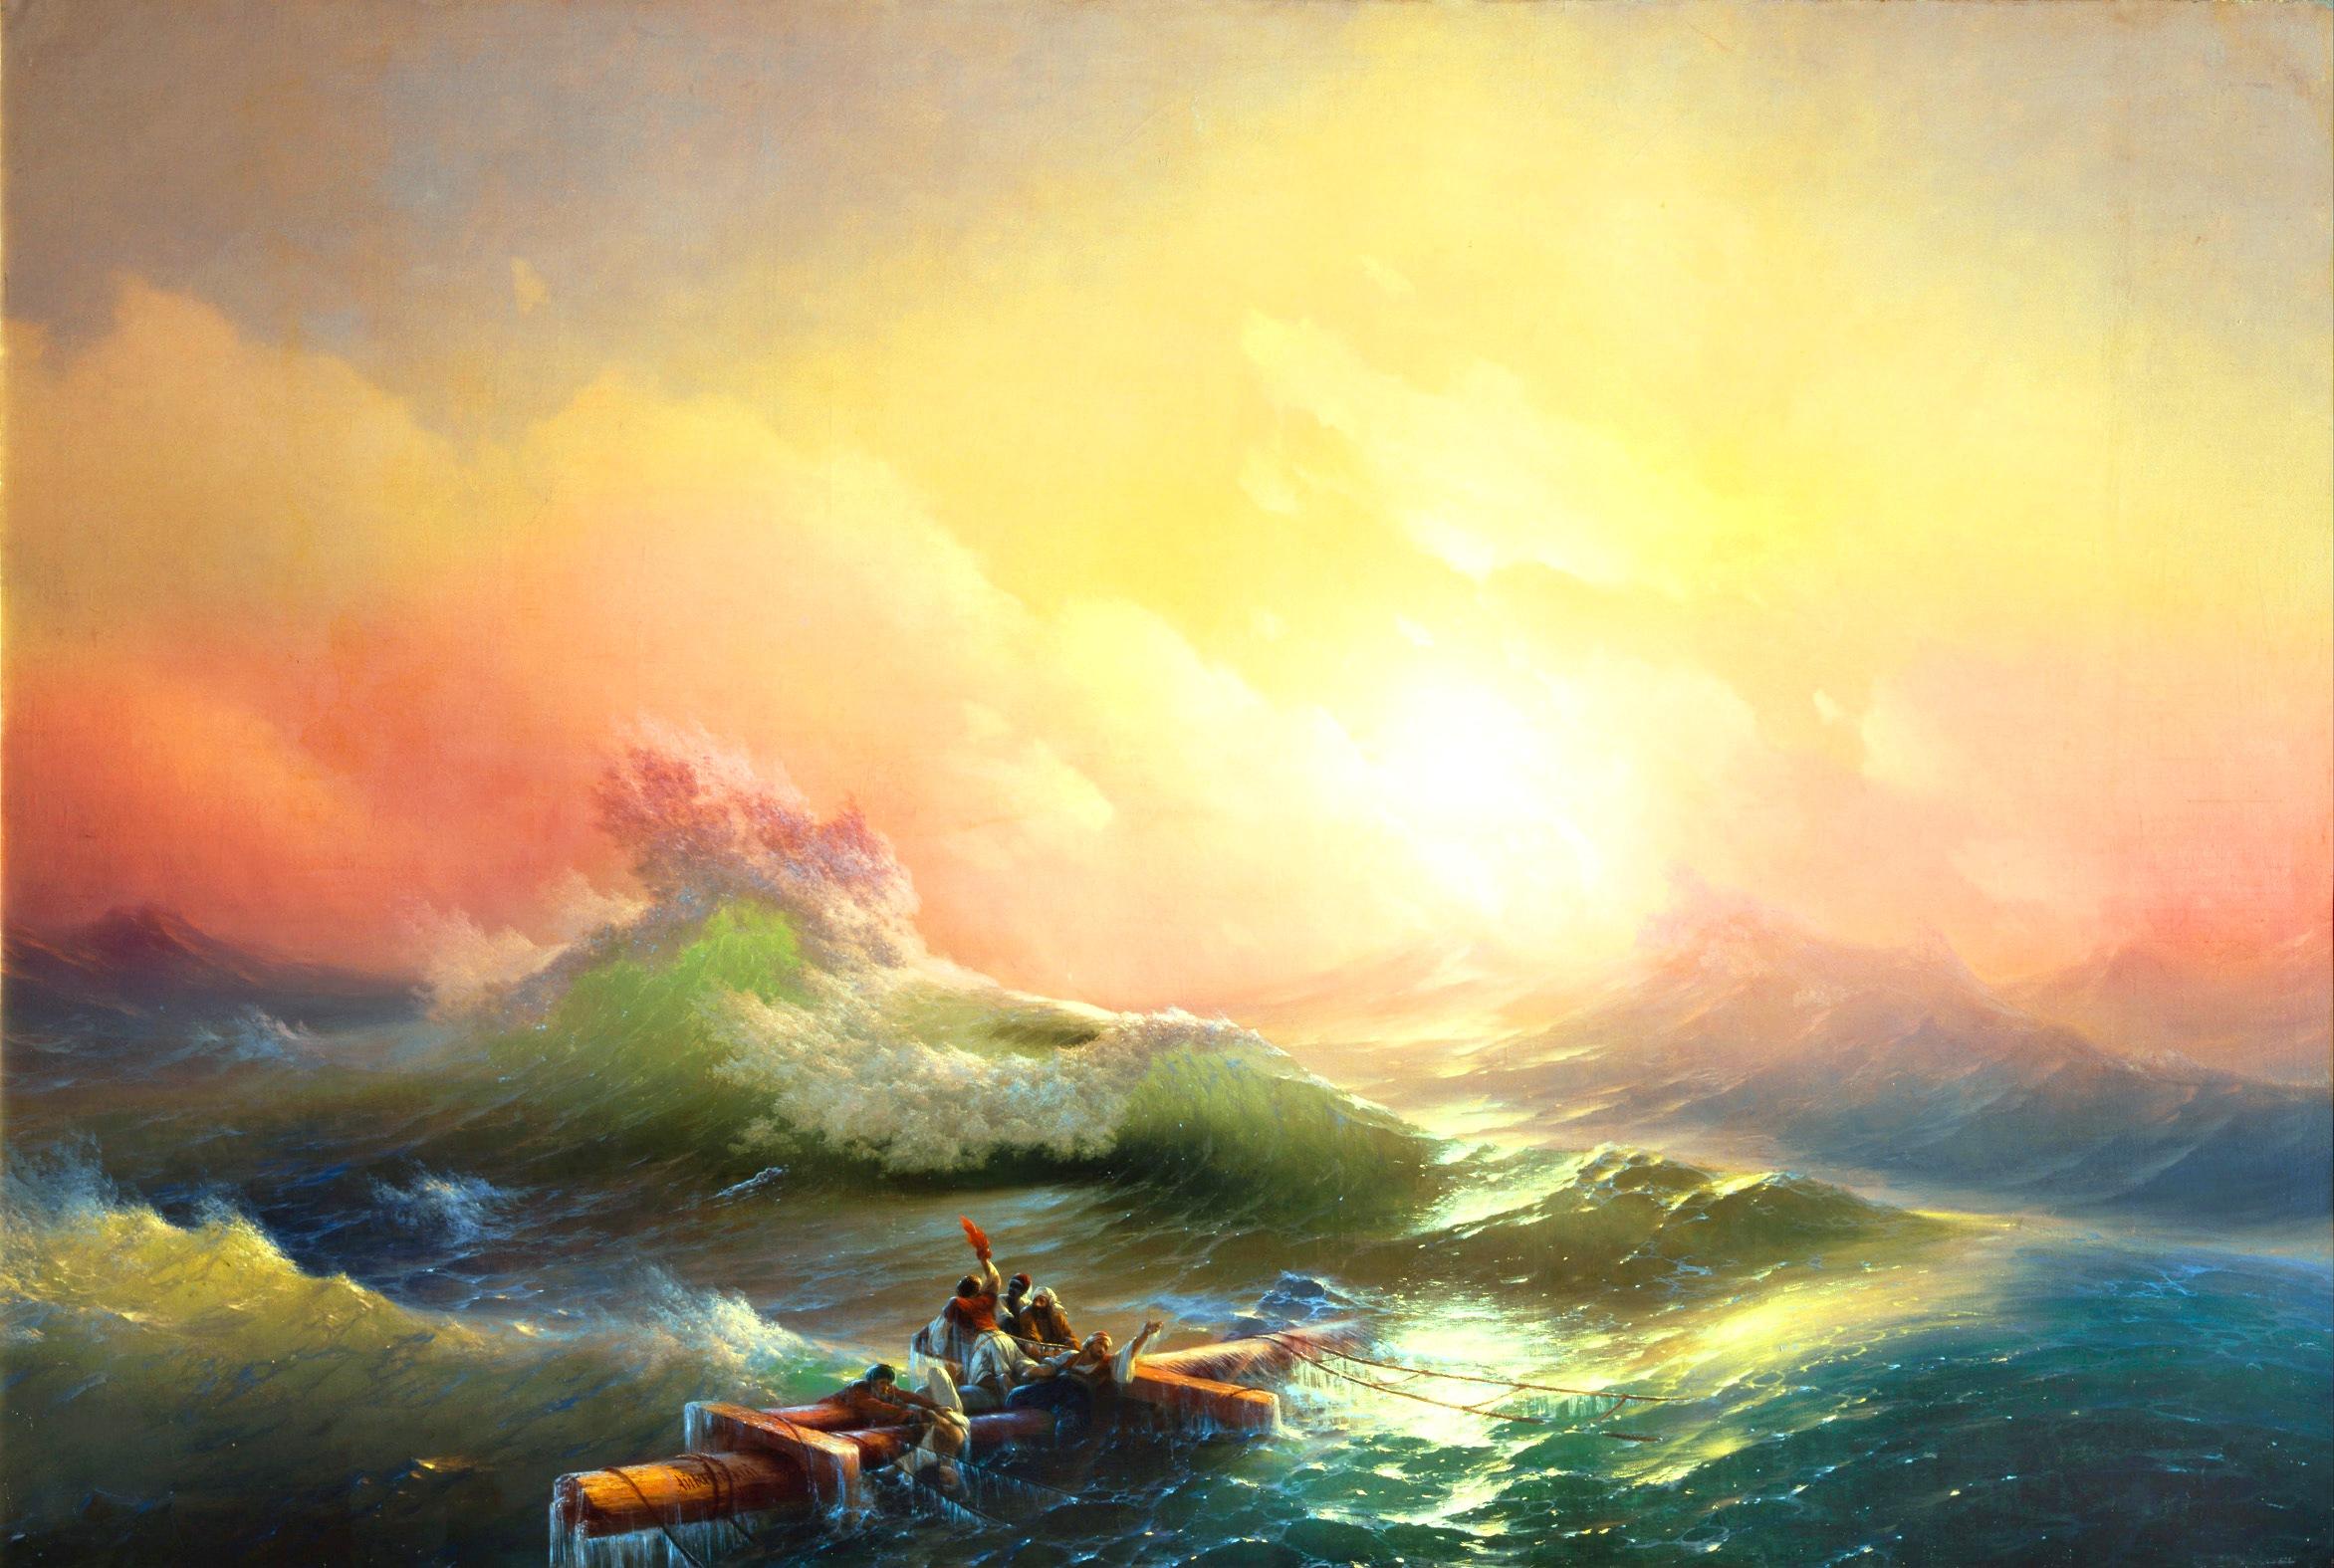 Передвижная выставка картин Айвазовского по России будет организованна в 2019 году